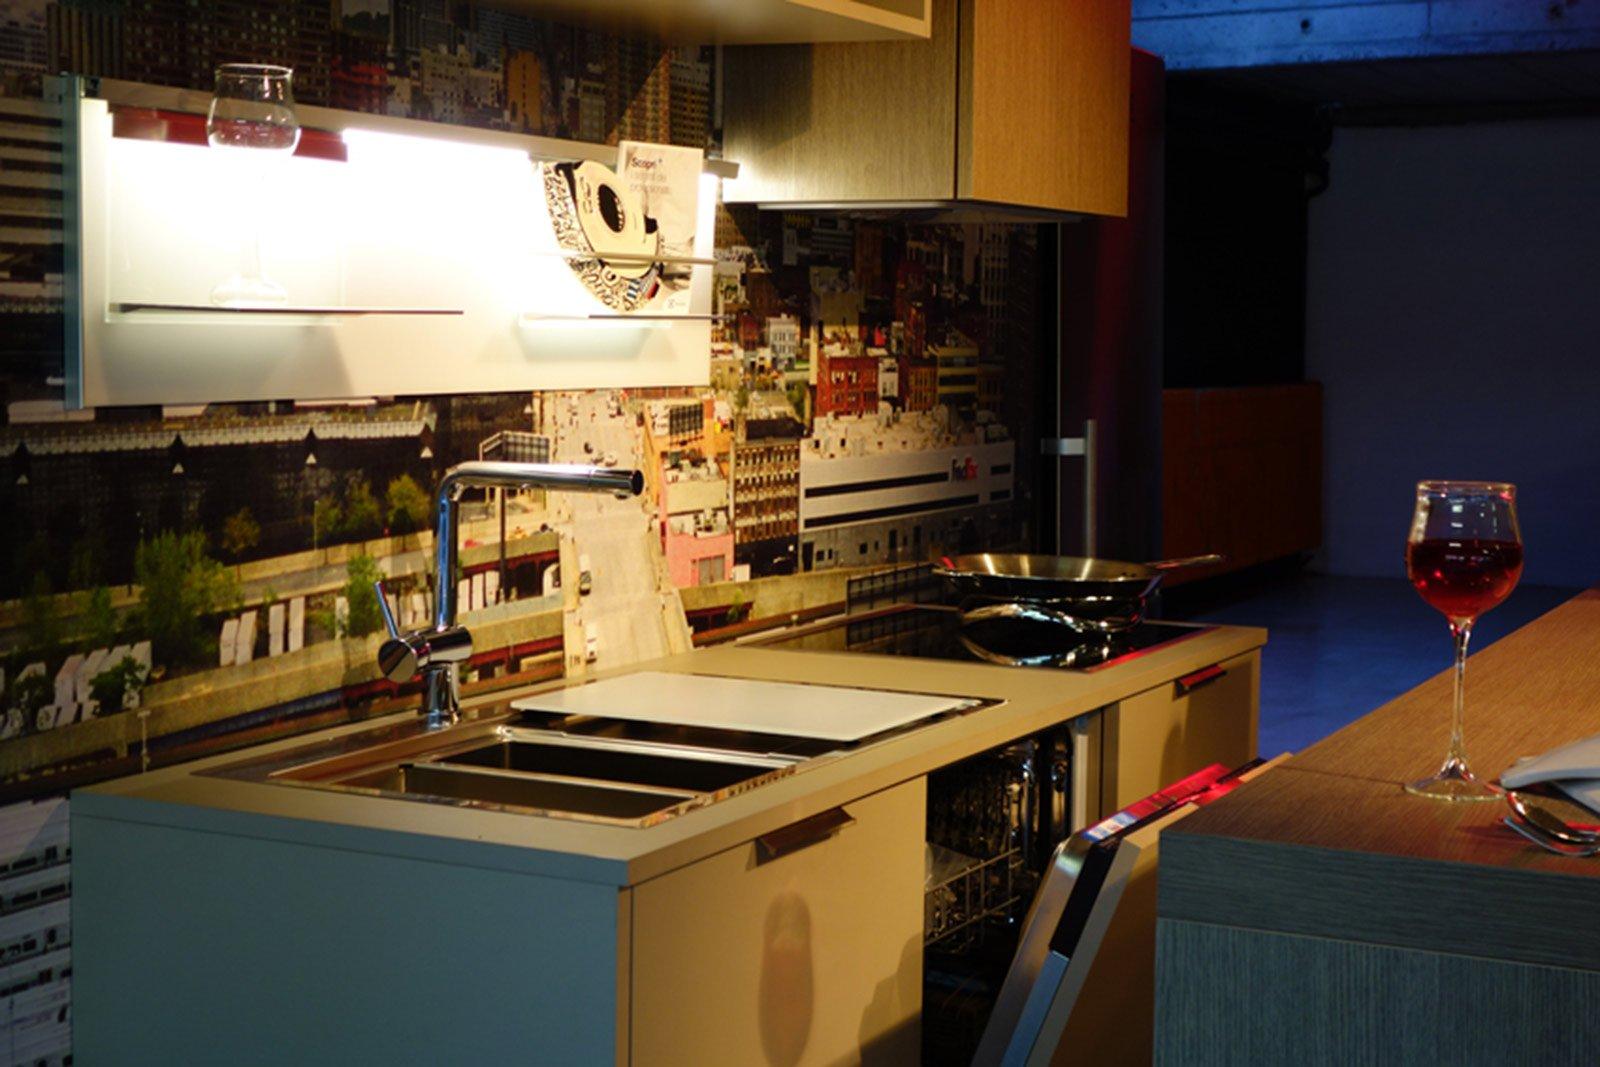 Funzionalità in cucina con le attrezzature giuste - Cose di Casa